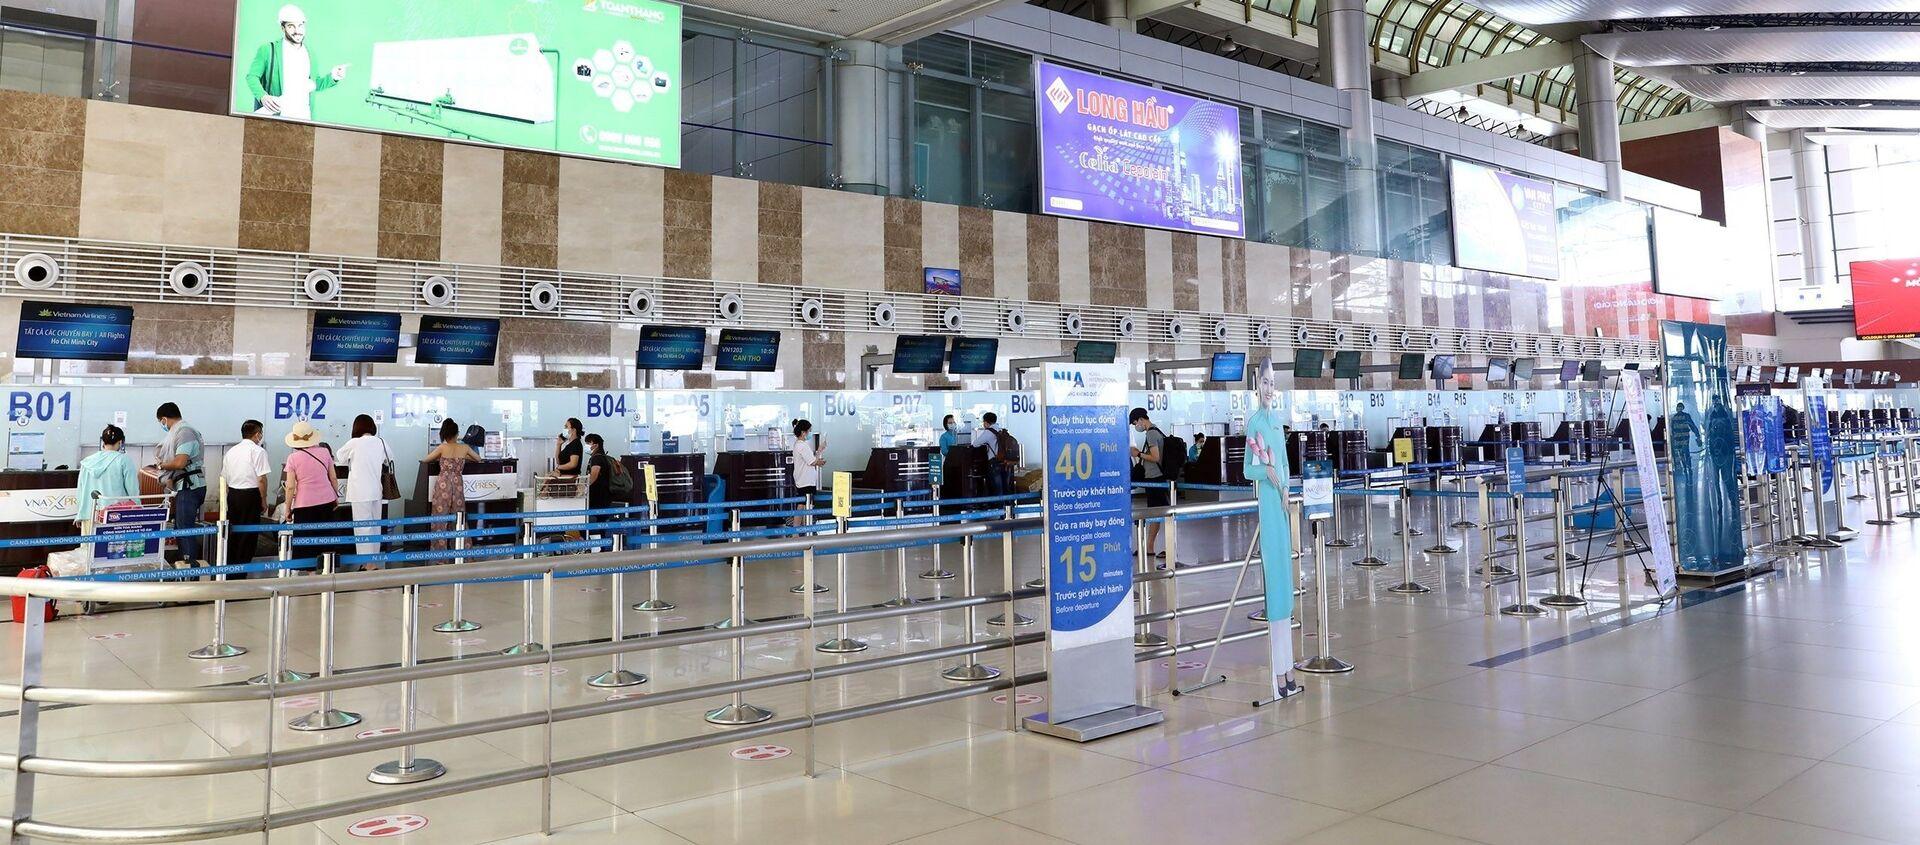 Lượng hành khách qua sân bay Nội Bài giảm sâu do dịch COVID-19 - Sputnik Việt Nam, 1920, 18.06.2021